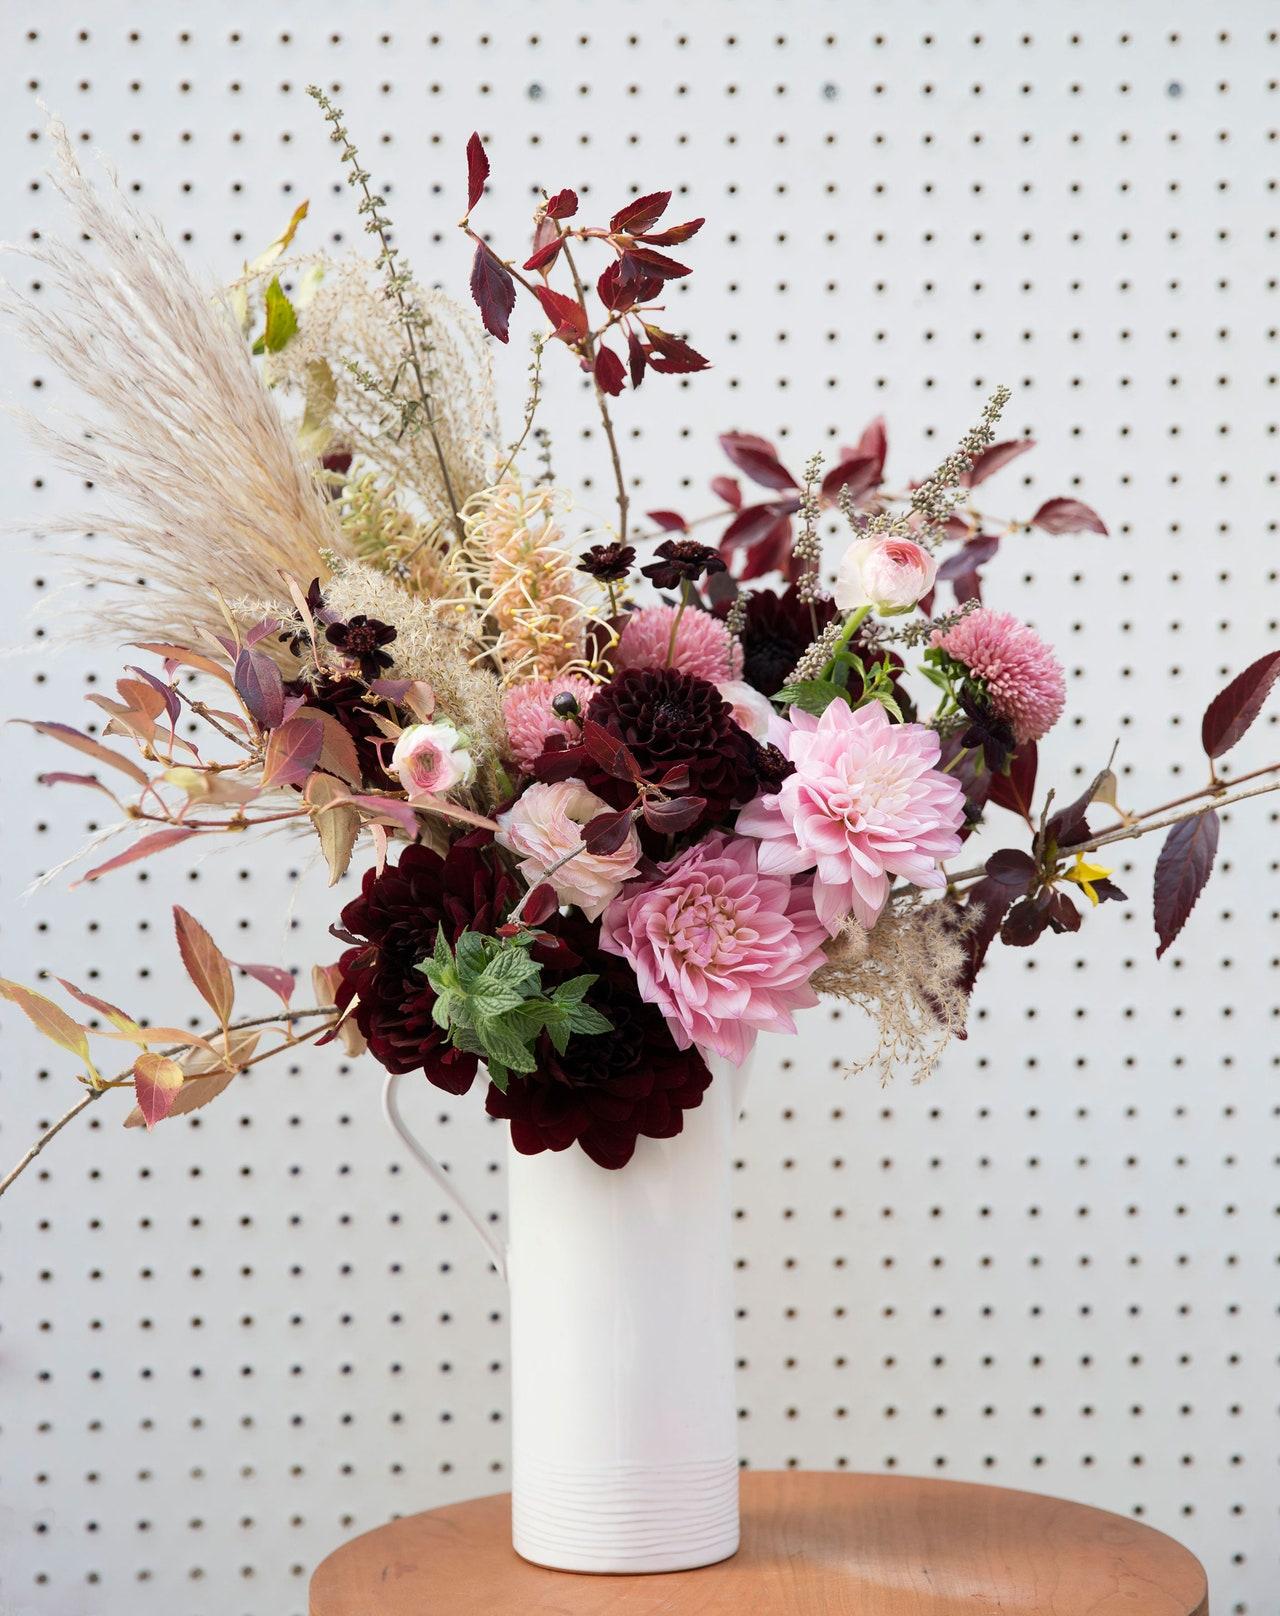 6 phong cách cắm hoa bạn có thể dễ dàng làm tại nhà-6